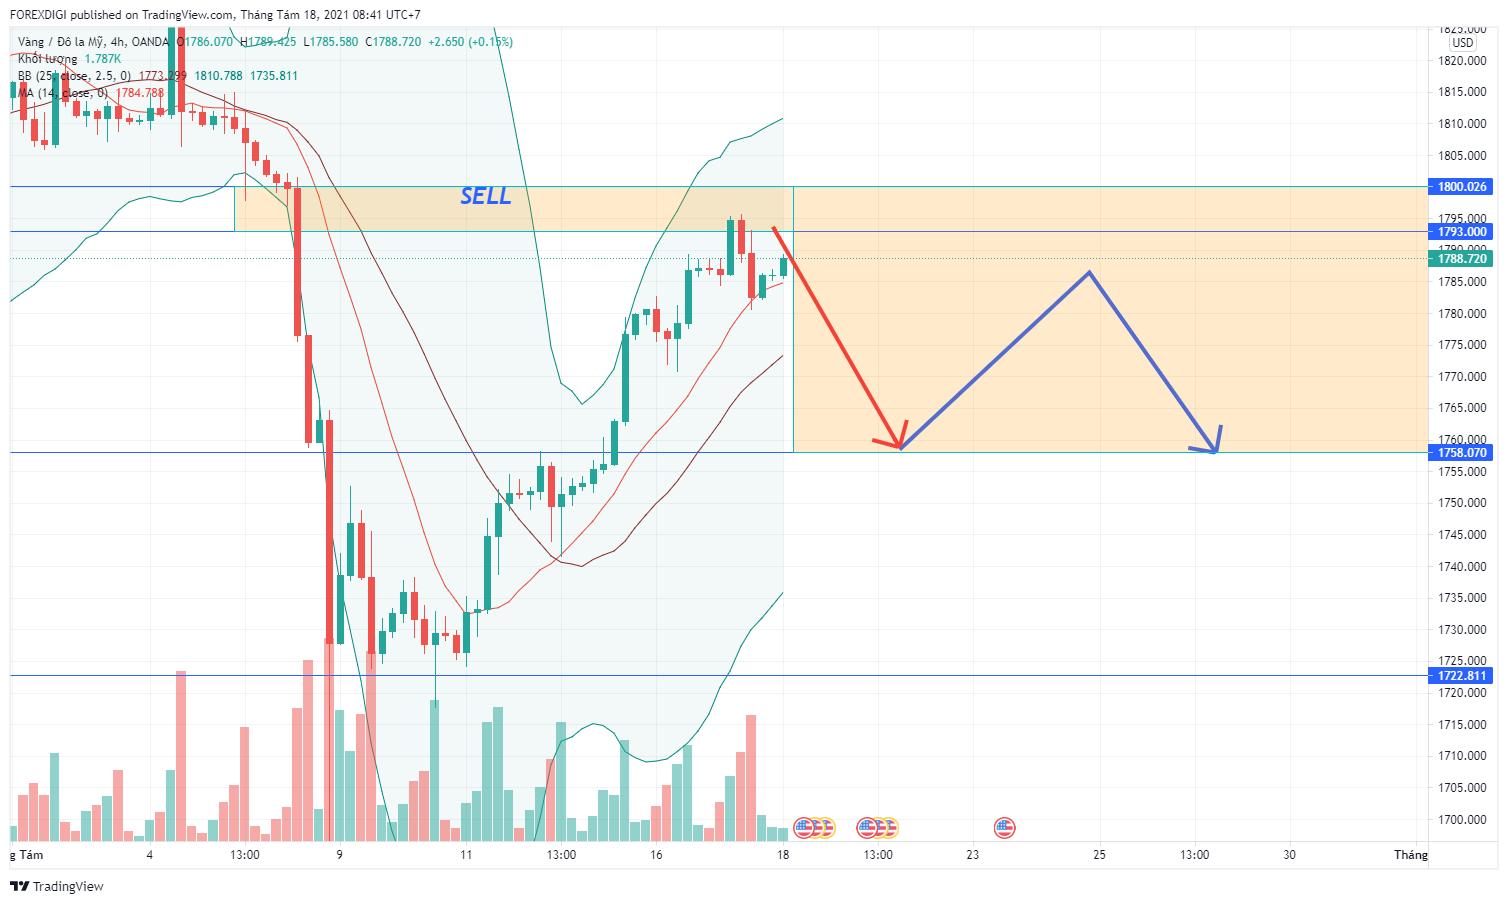 Phân tích giá XAU/USD: Cơ hội lập lại - Canh Sell Gold!